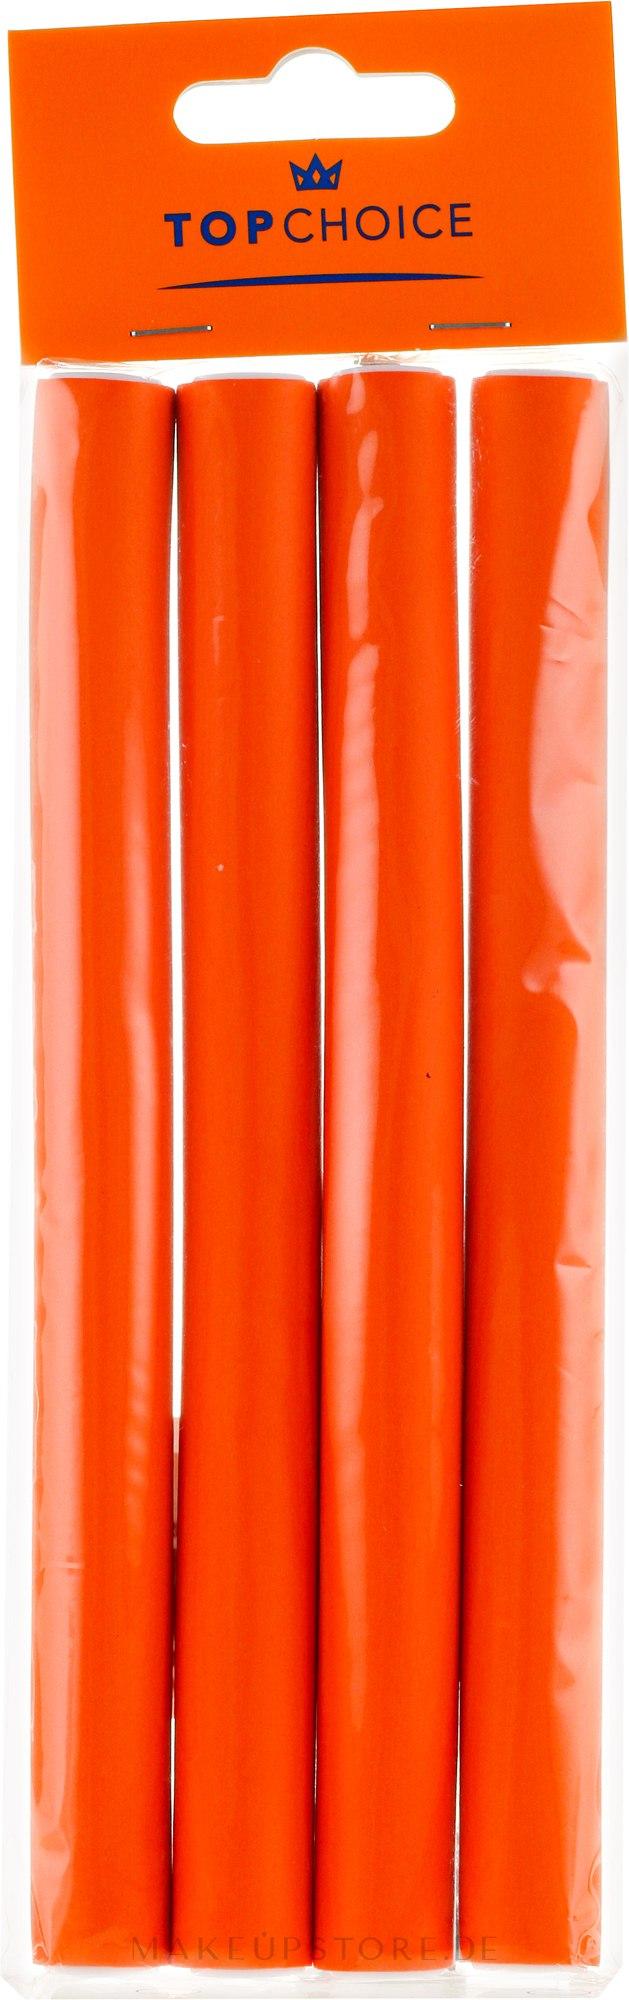 Papilloten L 4 St. - Top Choice FlexHair Rods  — Bild 4 St..